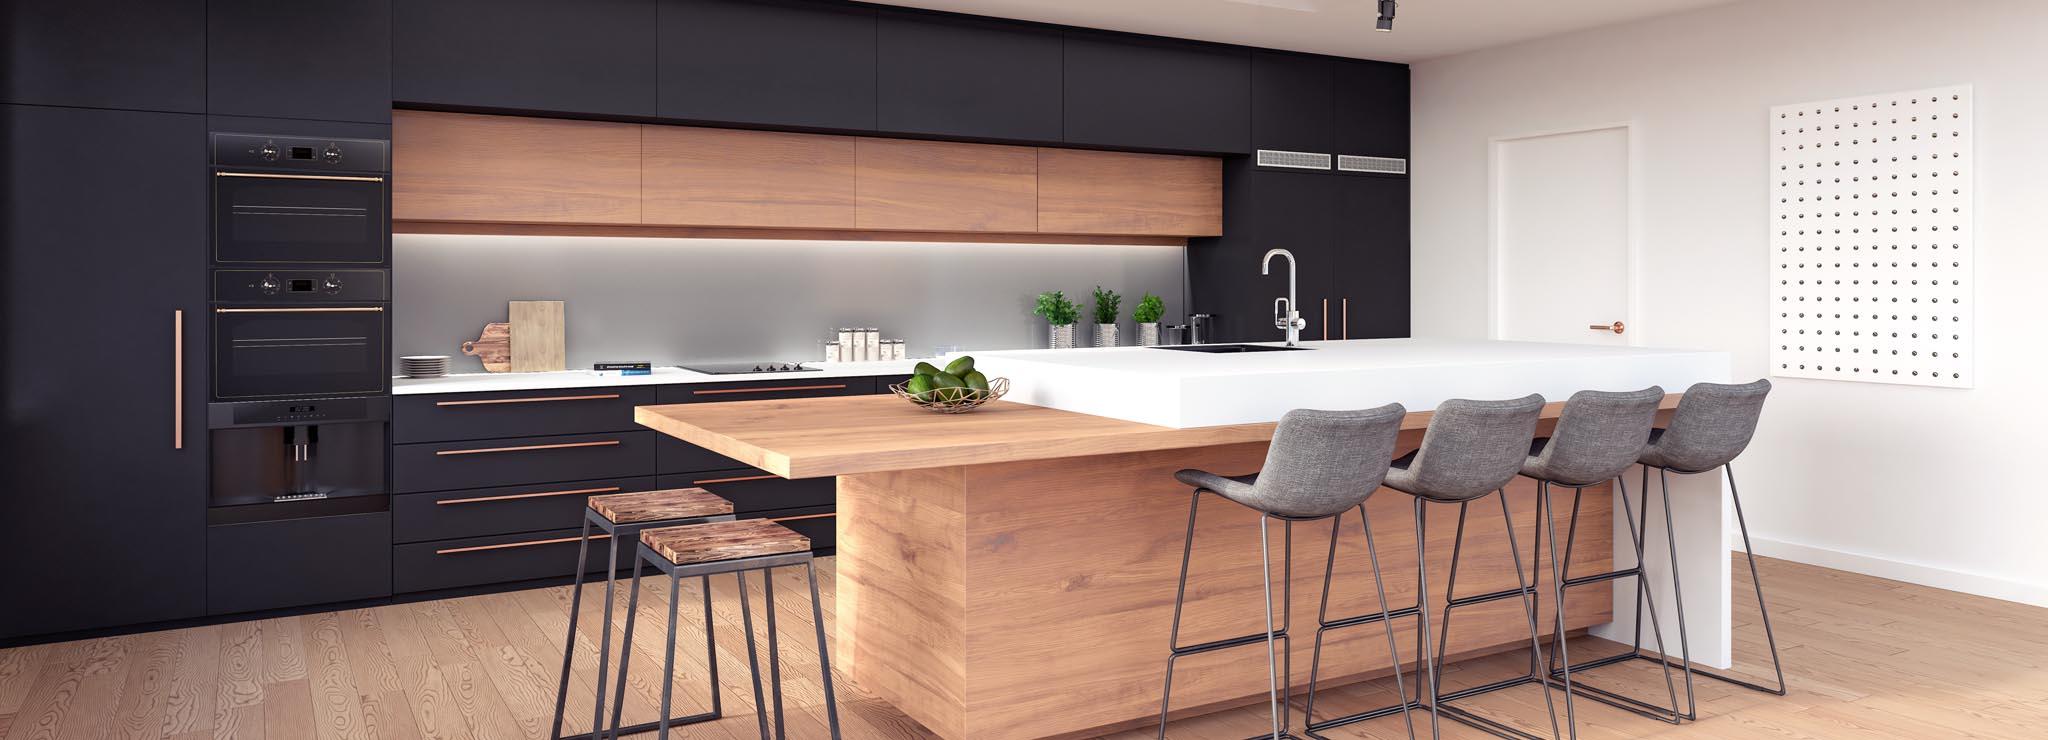 Tecnico-en-Diseño-y-Modelado-de-Interiores-con-3D-Studio-Max